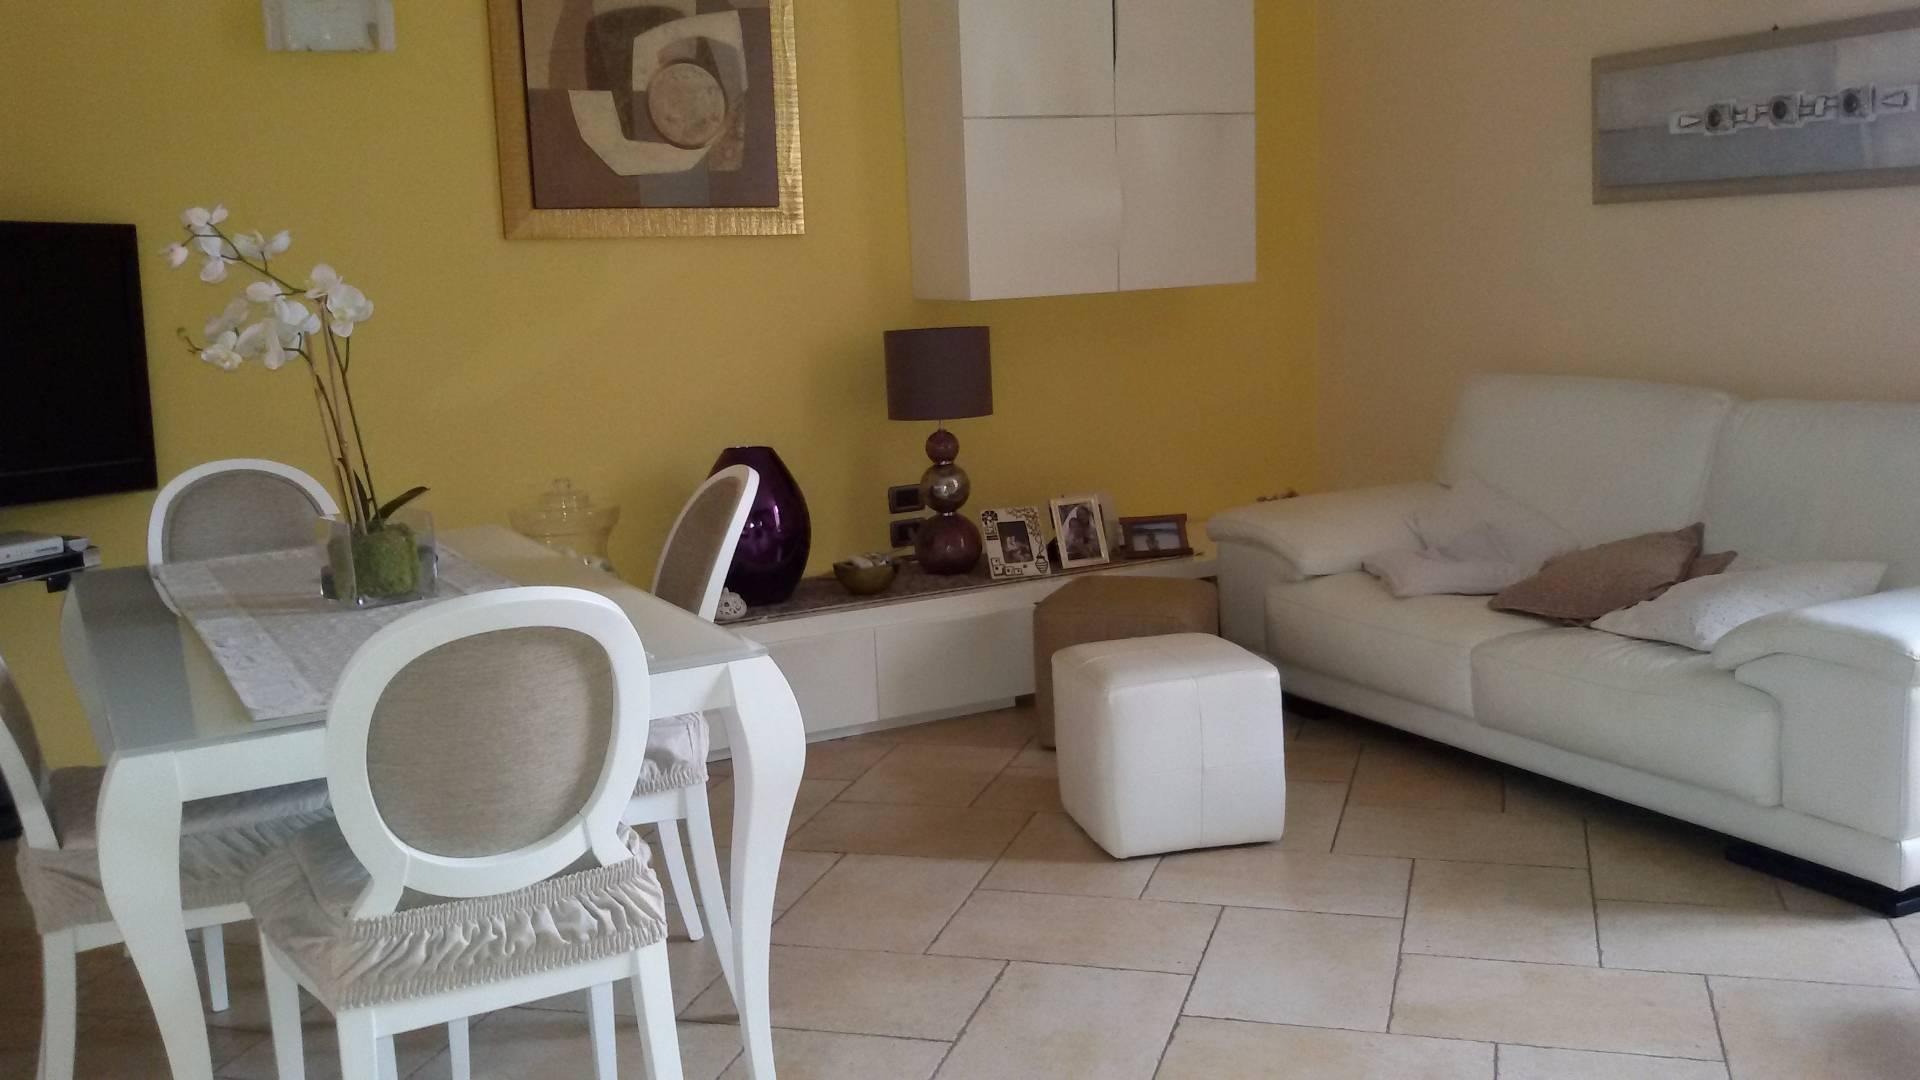 Appartamento in vendita a Pellezzano, 3 locali, zona Zona: Capriglia, prezzo € 155.000 | CambioCasa.it